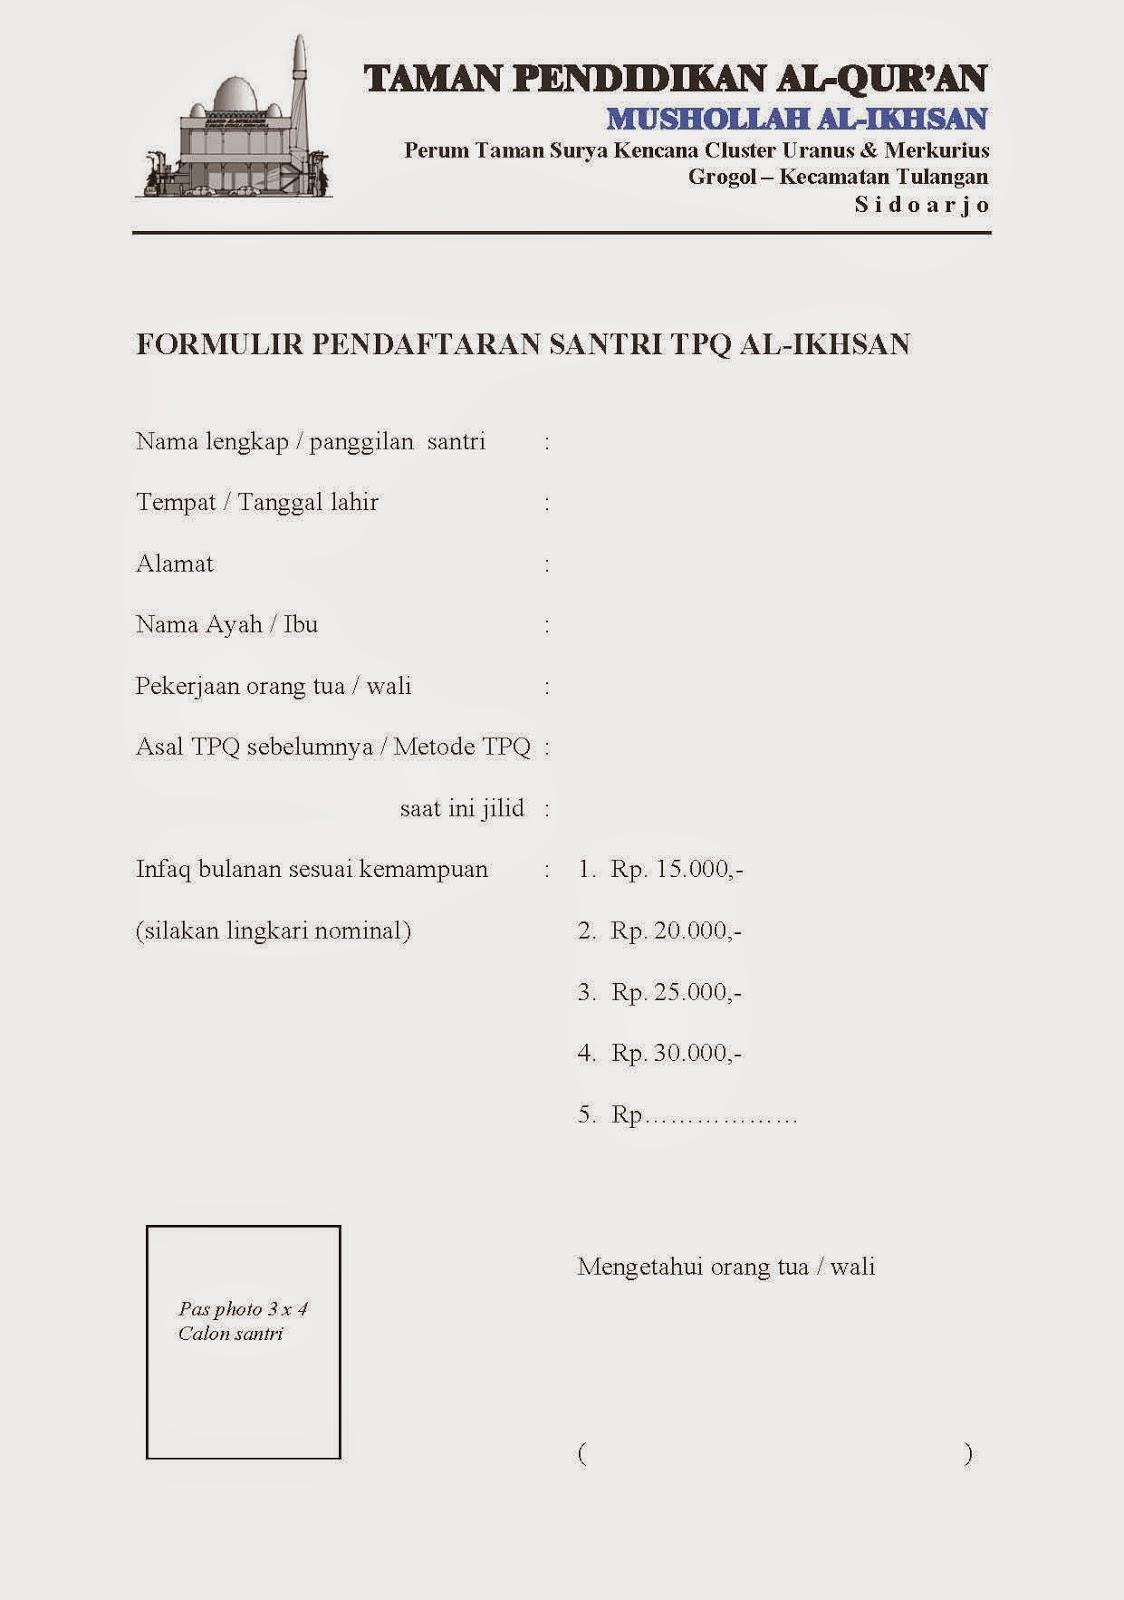 Mushollah Al Ikhsan Formulir Pendaftaran Santri Tpq Al Ikhsan 2014